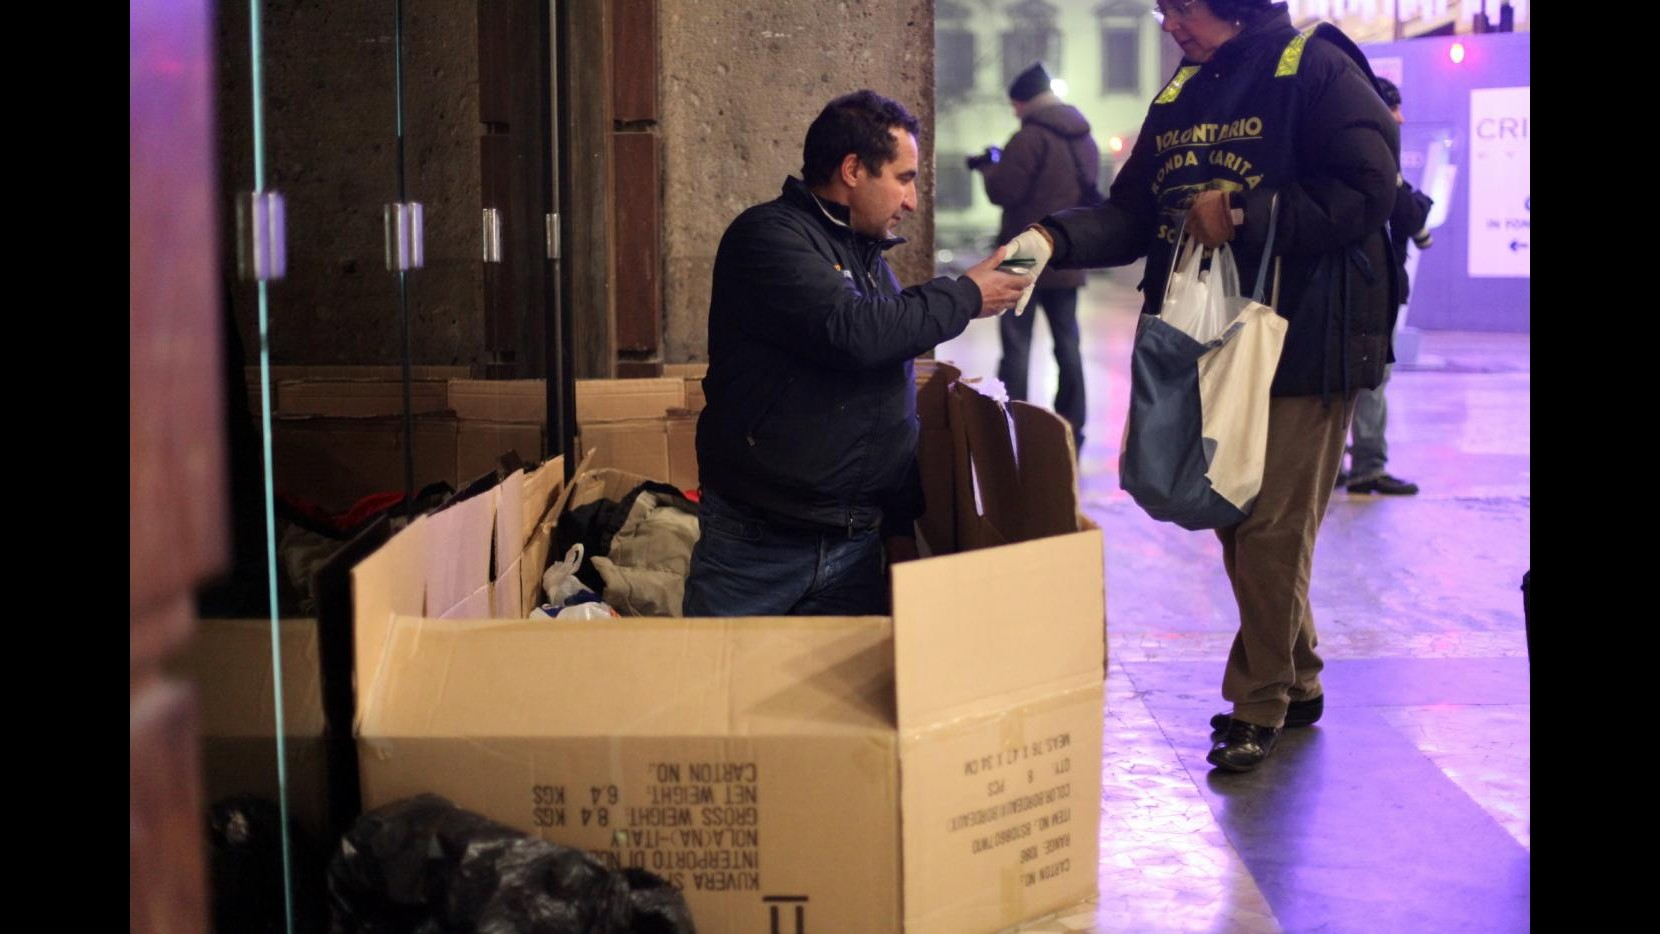 Milano, 100 senzatetto a pranzo per la Befana, serviti da volti noti